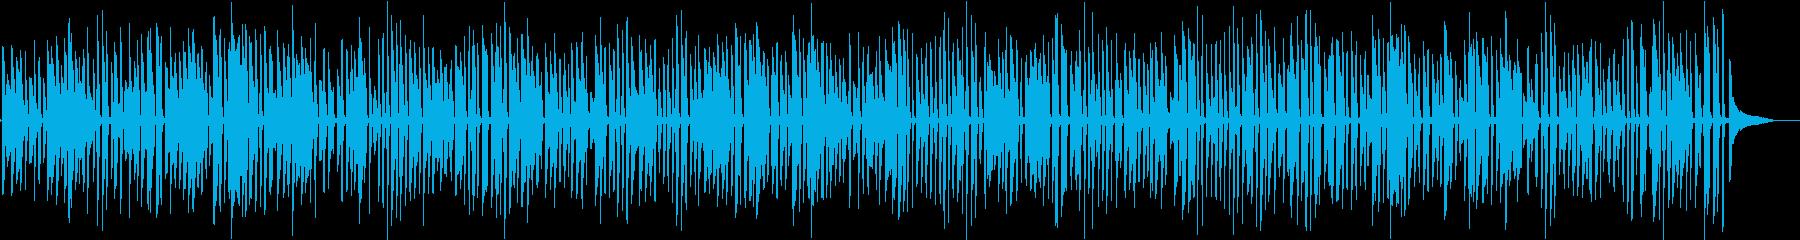 レトロなラグタイムソロジャズピアノの再生済みの波形